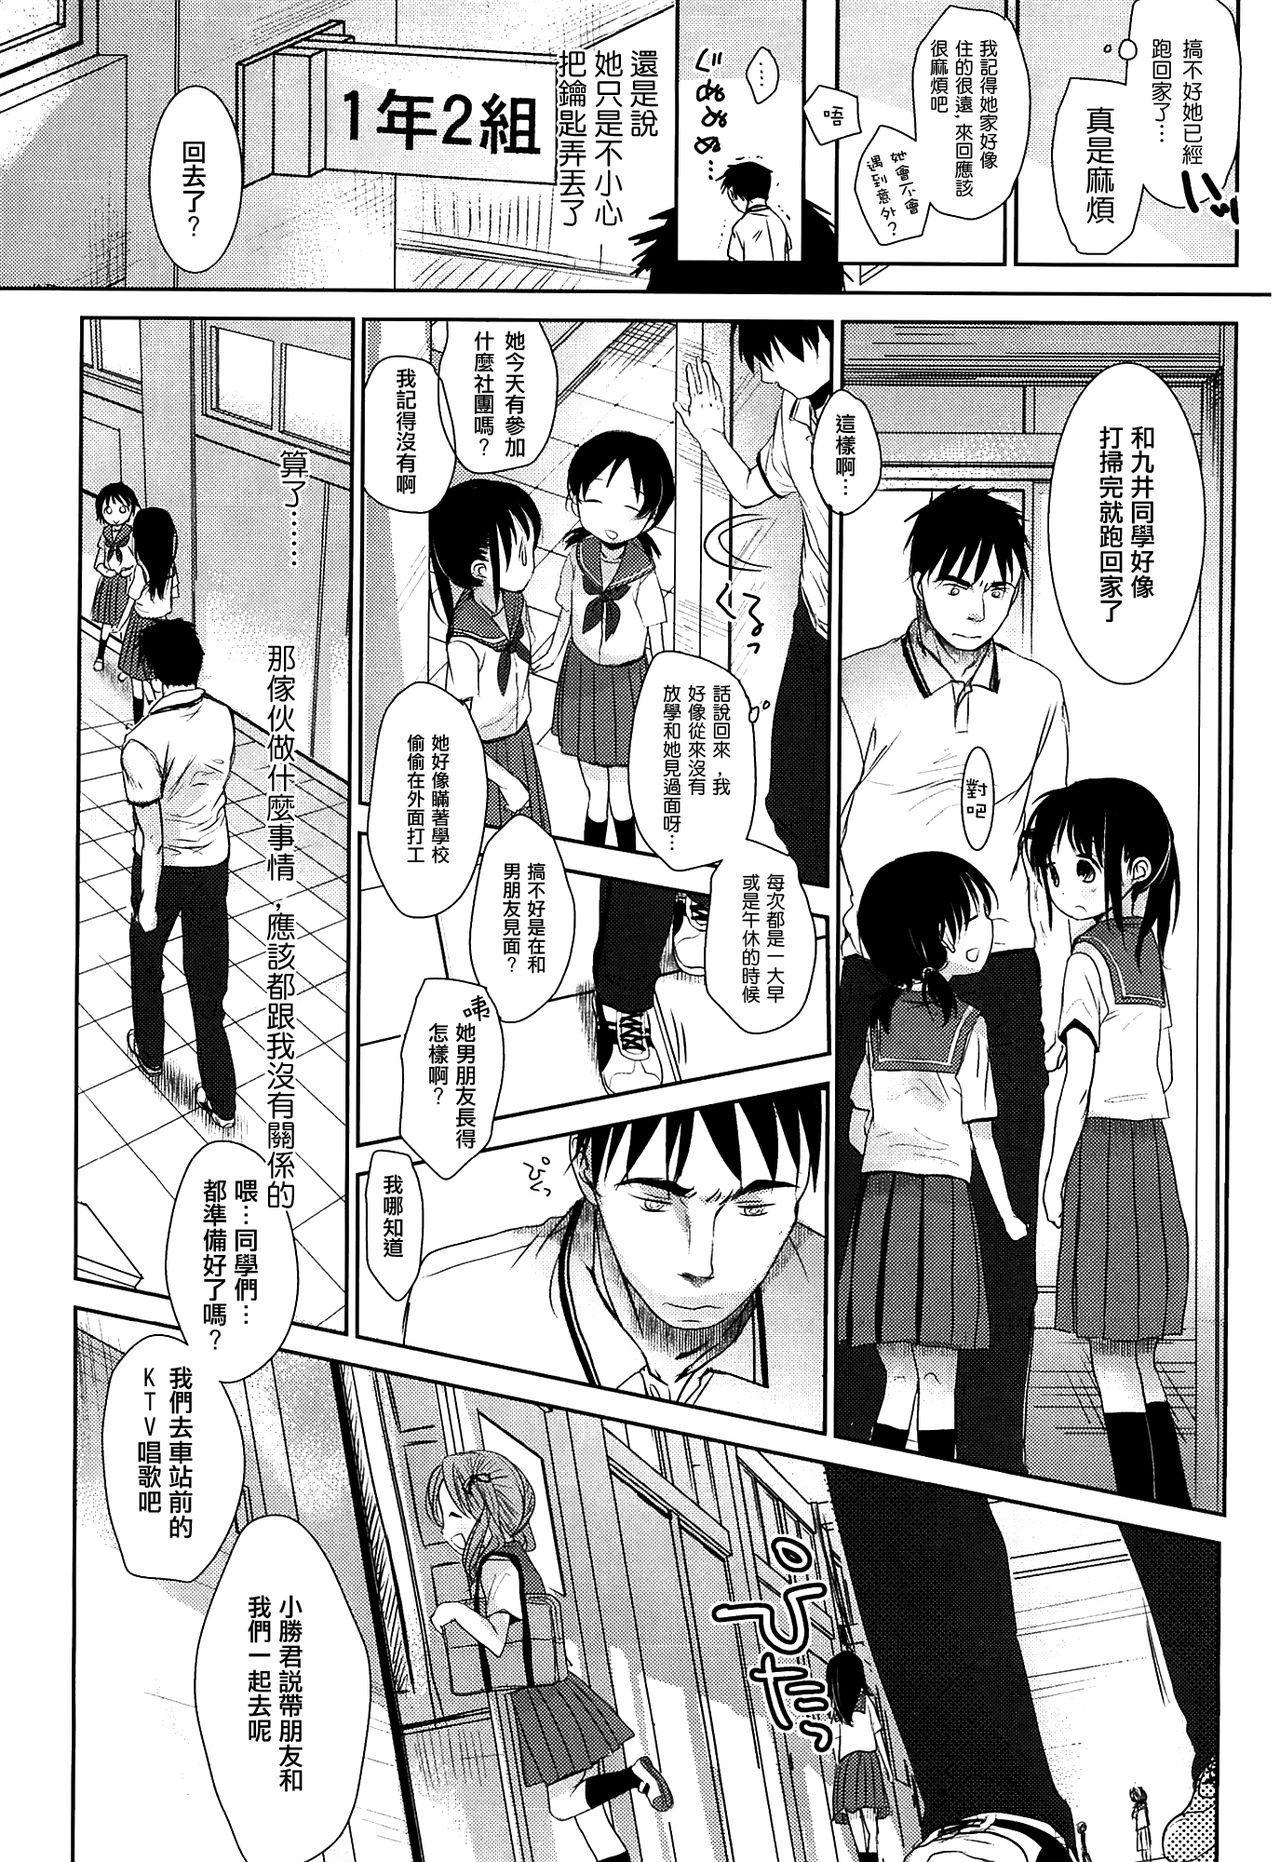 Sensei to, Watashi to. Jou 103